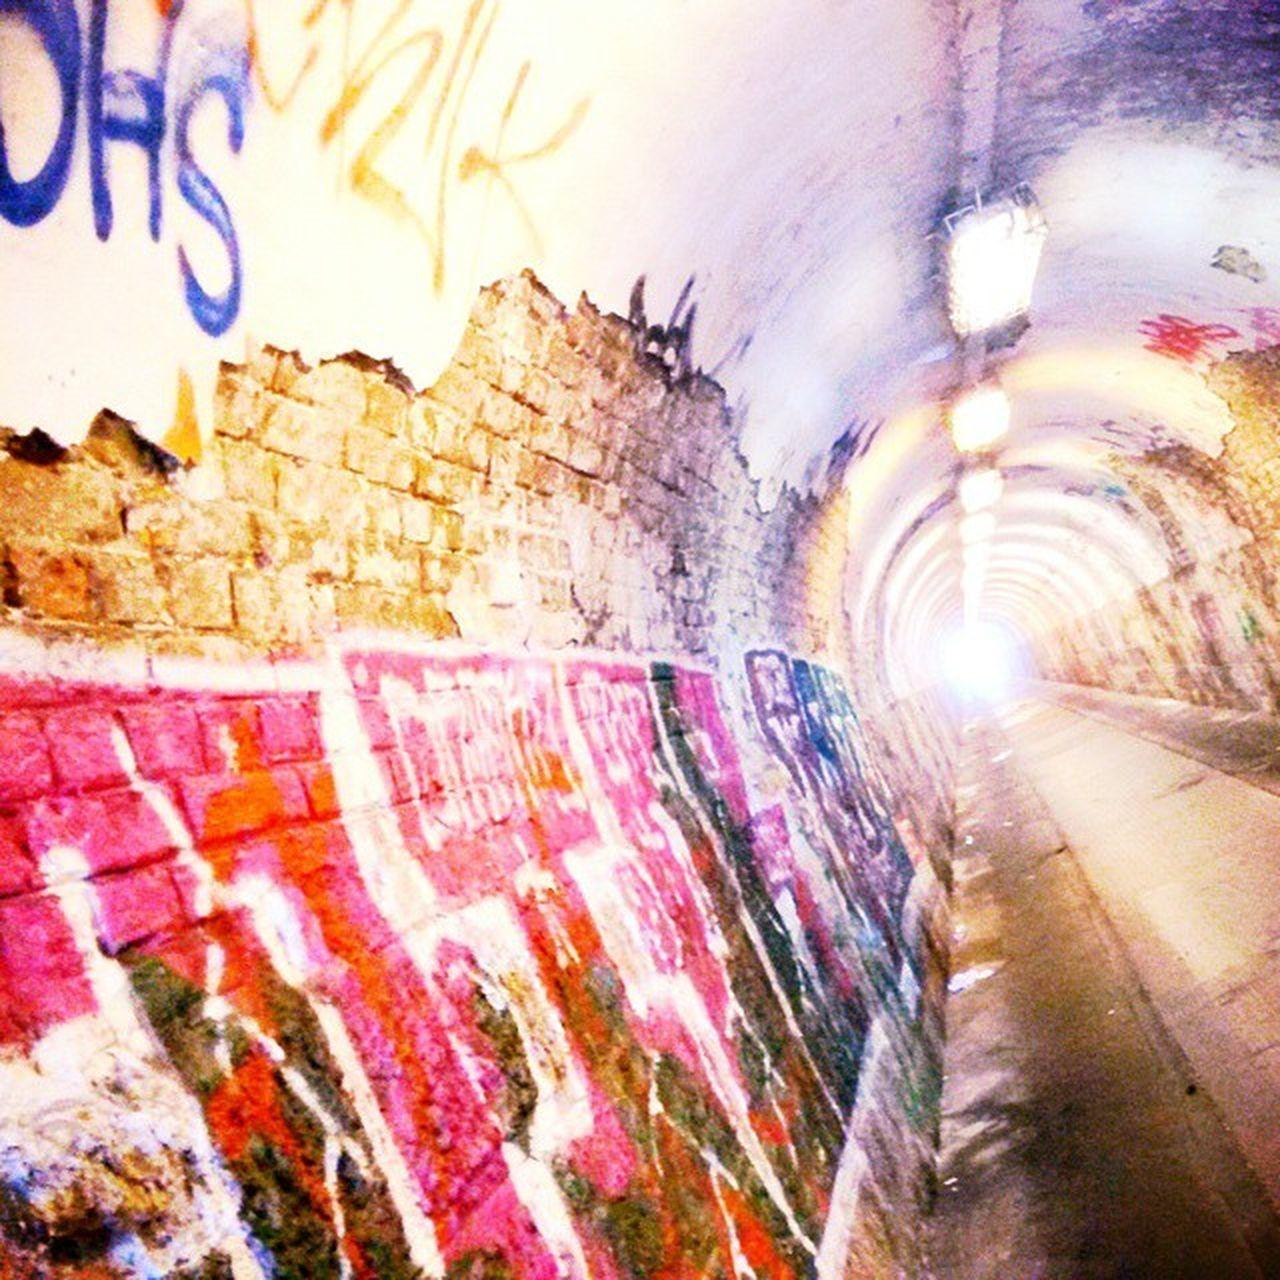 Hat Sich In Budapest Unglaublich  Verlaufen Welcomehome Tourist Travel Citycenter Downtown Graffiti Ruins